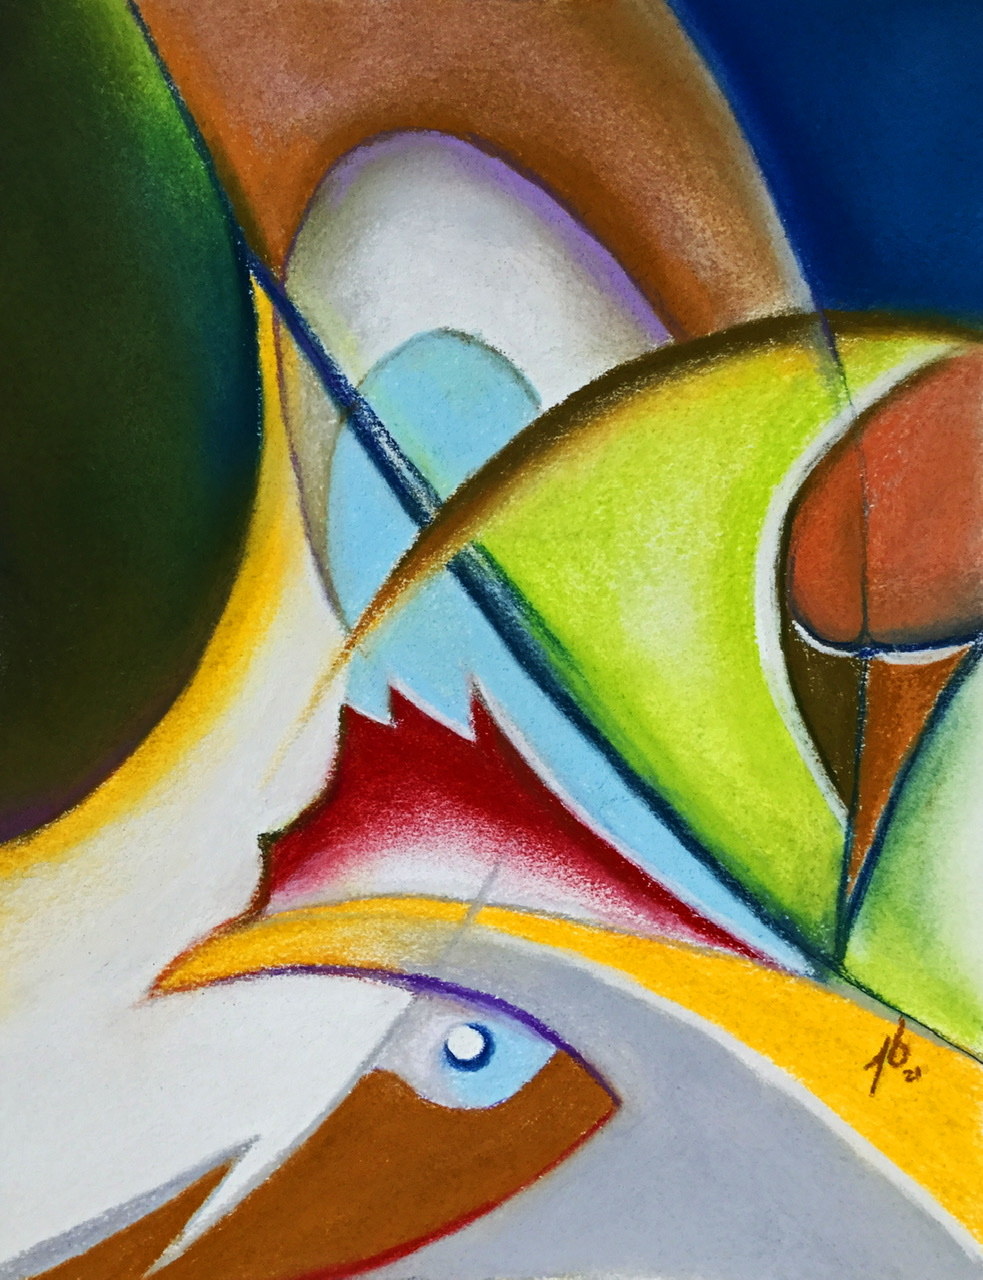 """<span style=""""color: #ff0000;""""><a style=""""color: #ff0000;"""" href=""""mailto:pbureau@hotmail.com?subject=Défi 15 dessins 15 semaines - Onde de coq"""">Contacter l'artiste</a></span> Pierre Bureau - Onde de coq - 150 $ (transaction directement avec l'artiste) - pastel sec sur papier-coton BFK - 32 x 24 cm"""